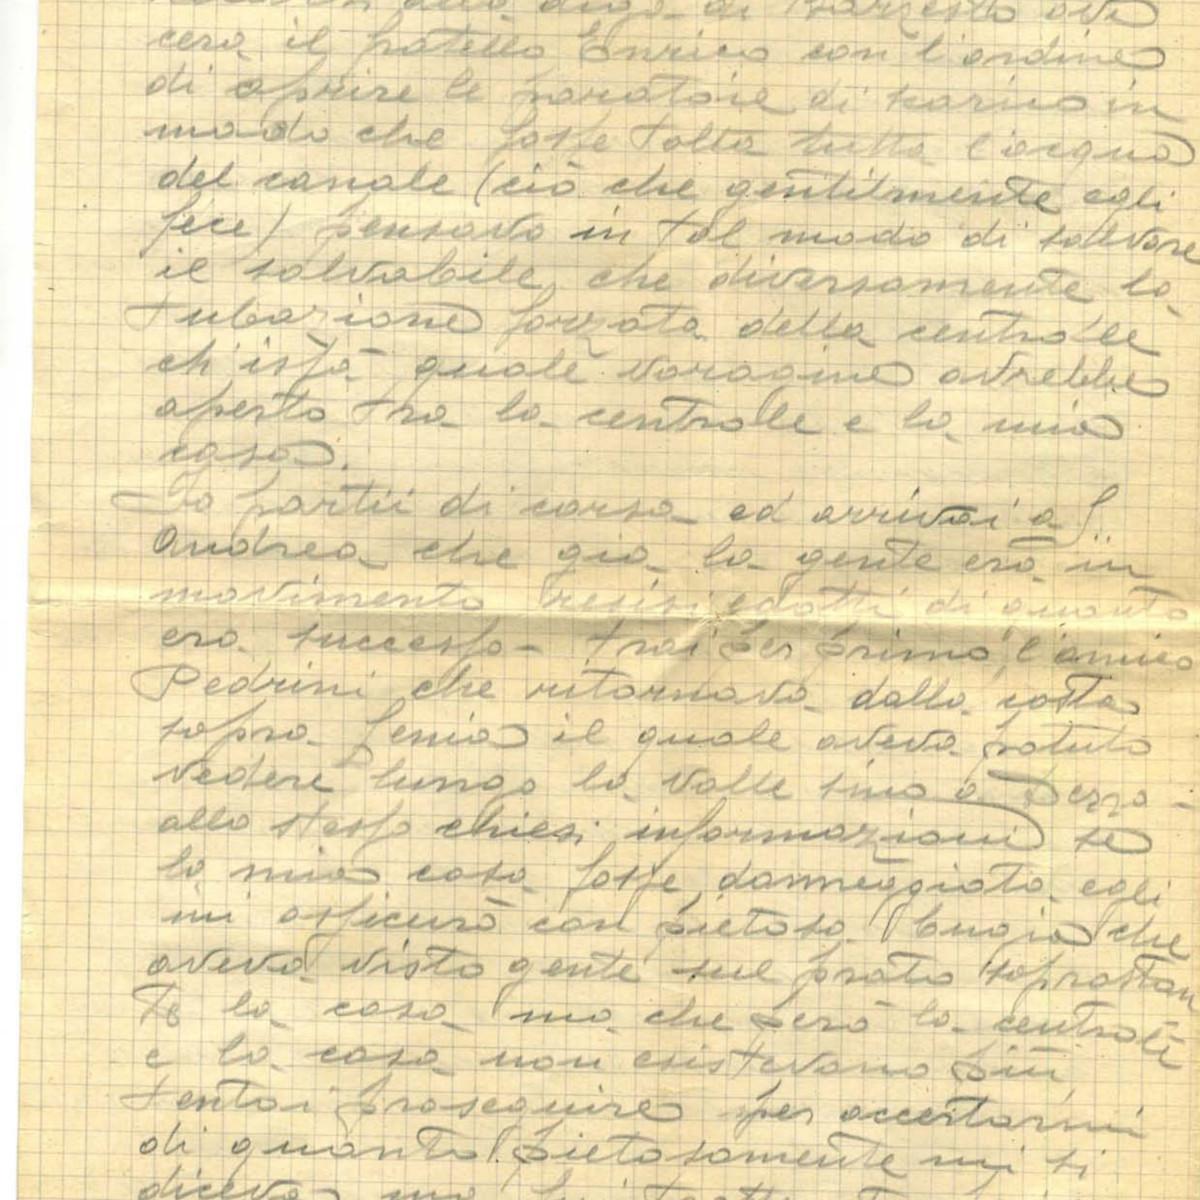 Lettera di Baldoni Angelo_06